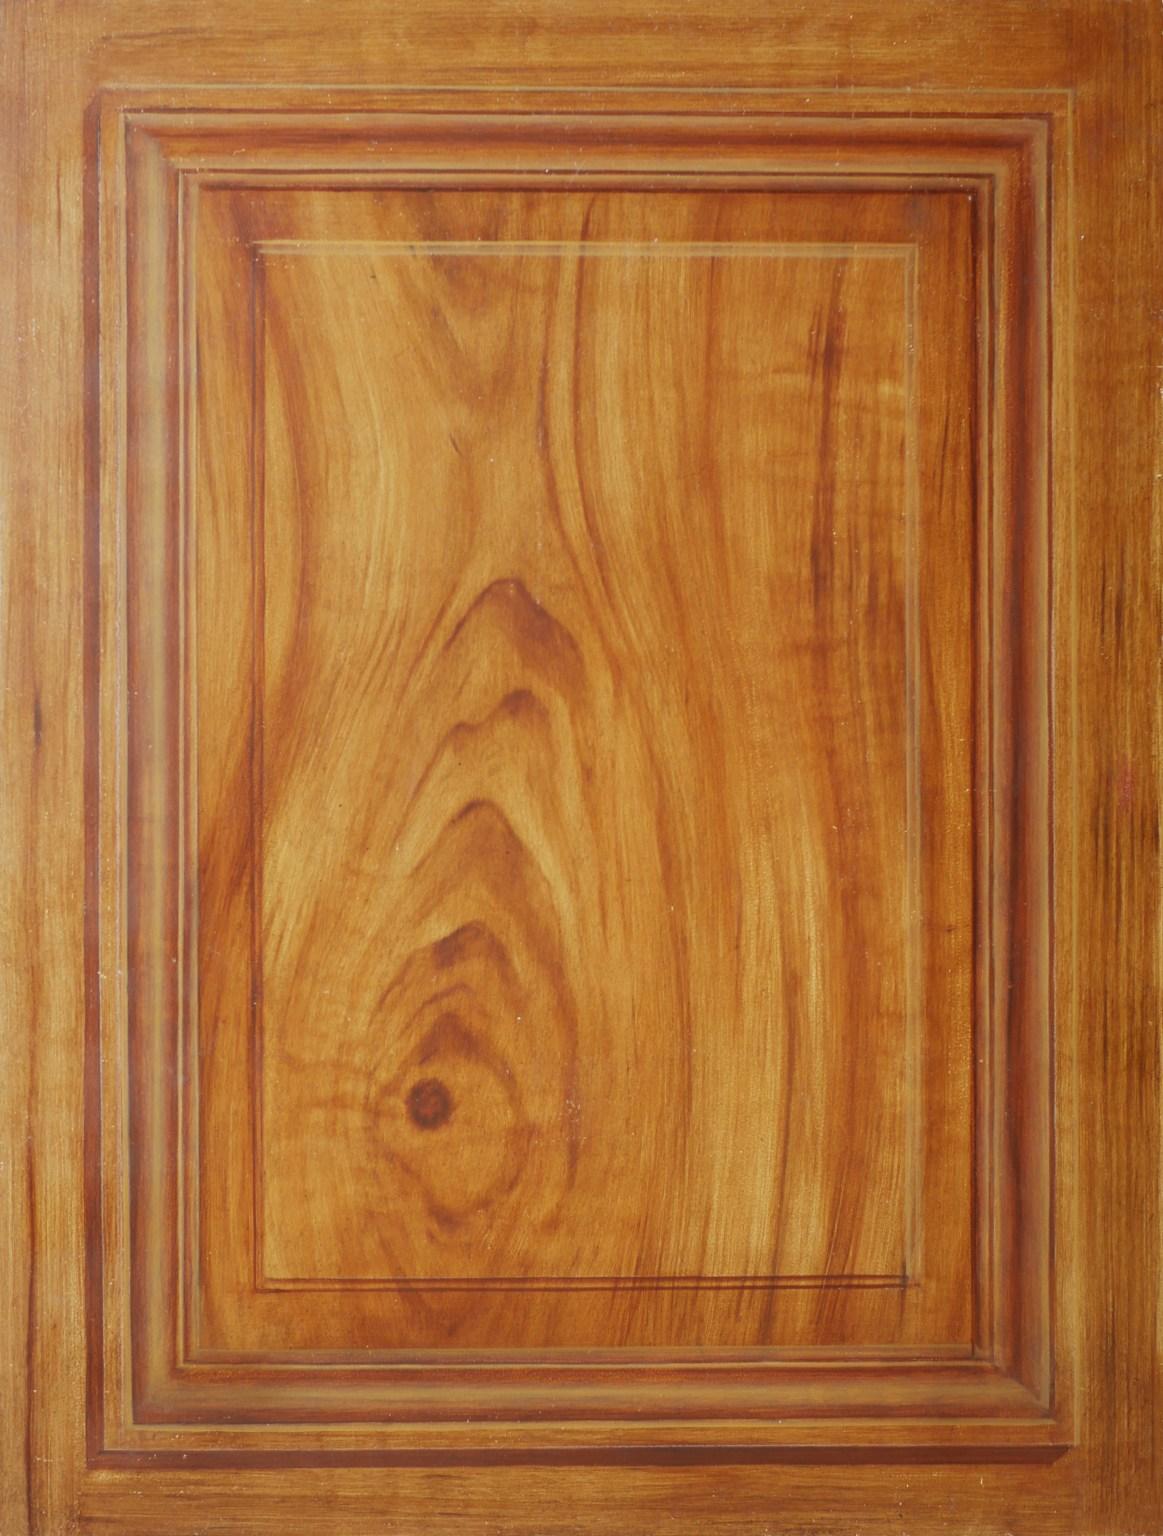 Décor imitation bois noyer, faux bois effet de matière. Assilem décors, peintre décoratrice, peintre en décor à Bordeaux